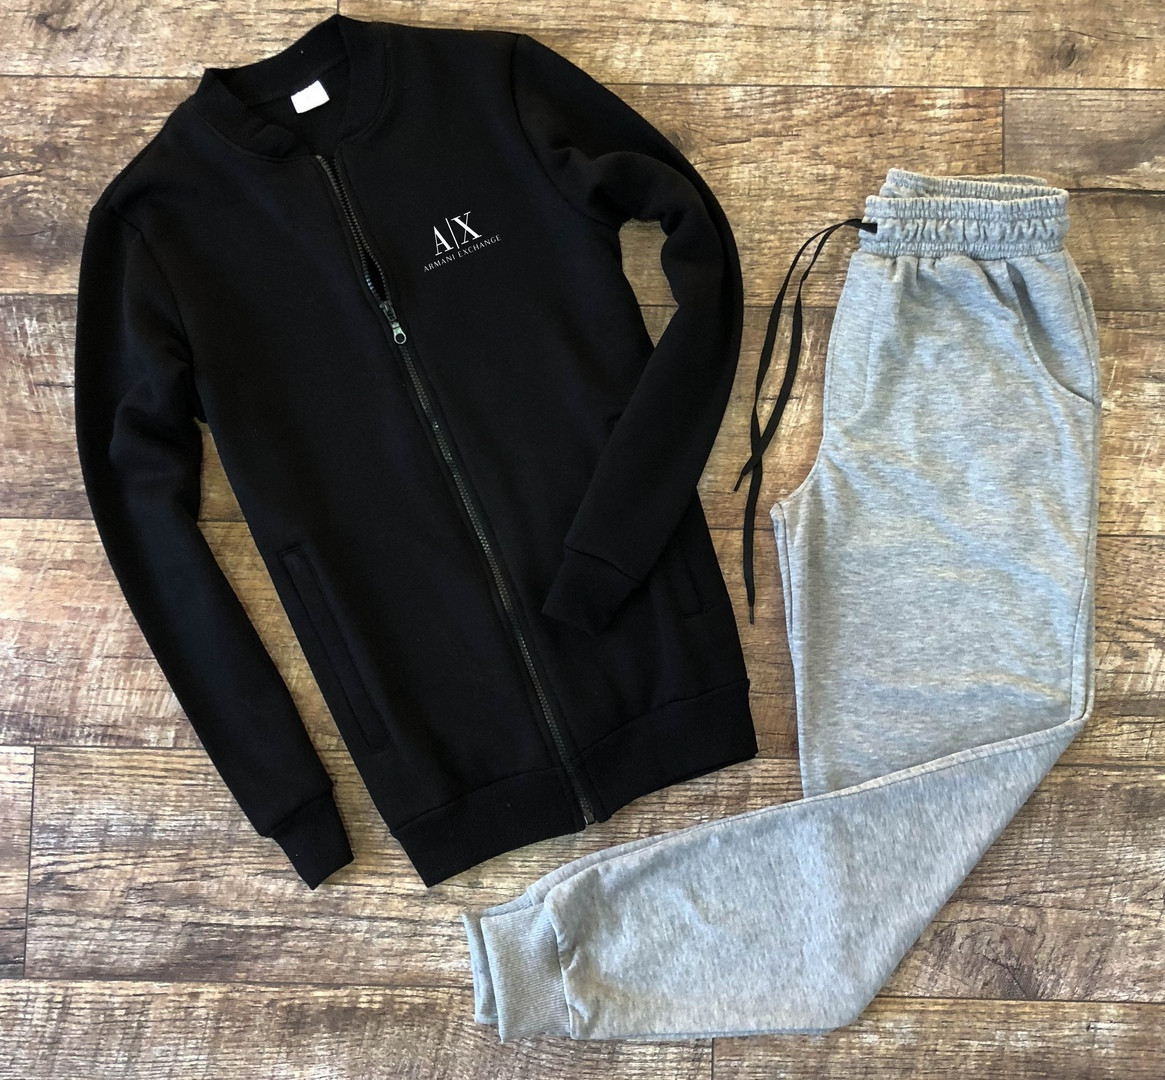 """Чоловічий спортивний костюм чорний бомбер з принтом """"Armani Exchange"""" і меланжеві штани"""